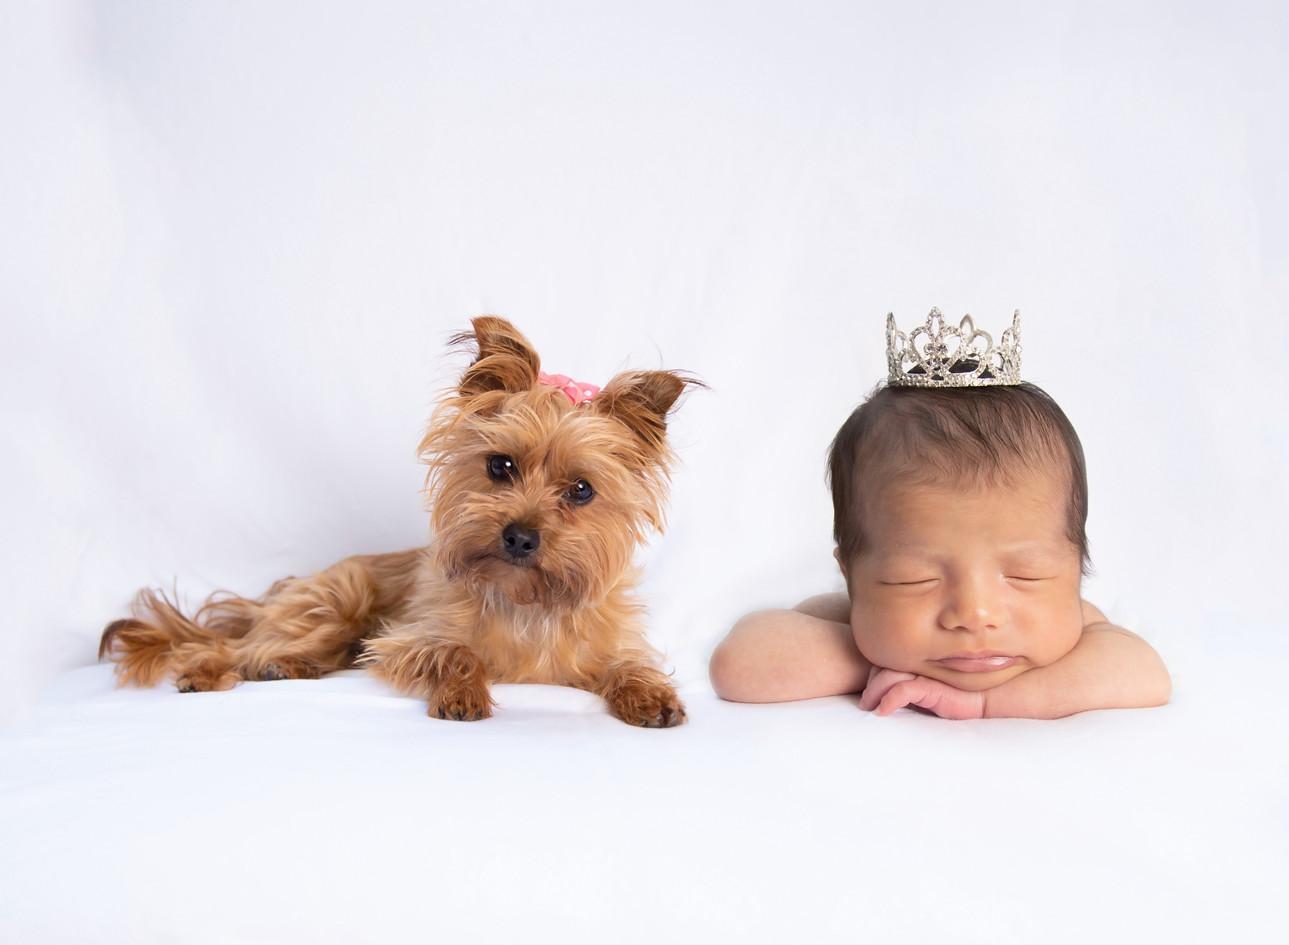 princess and yorkie